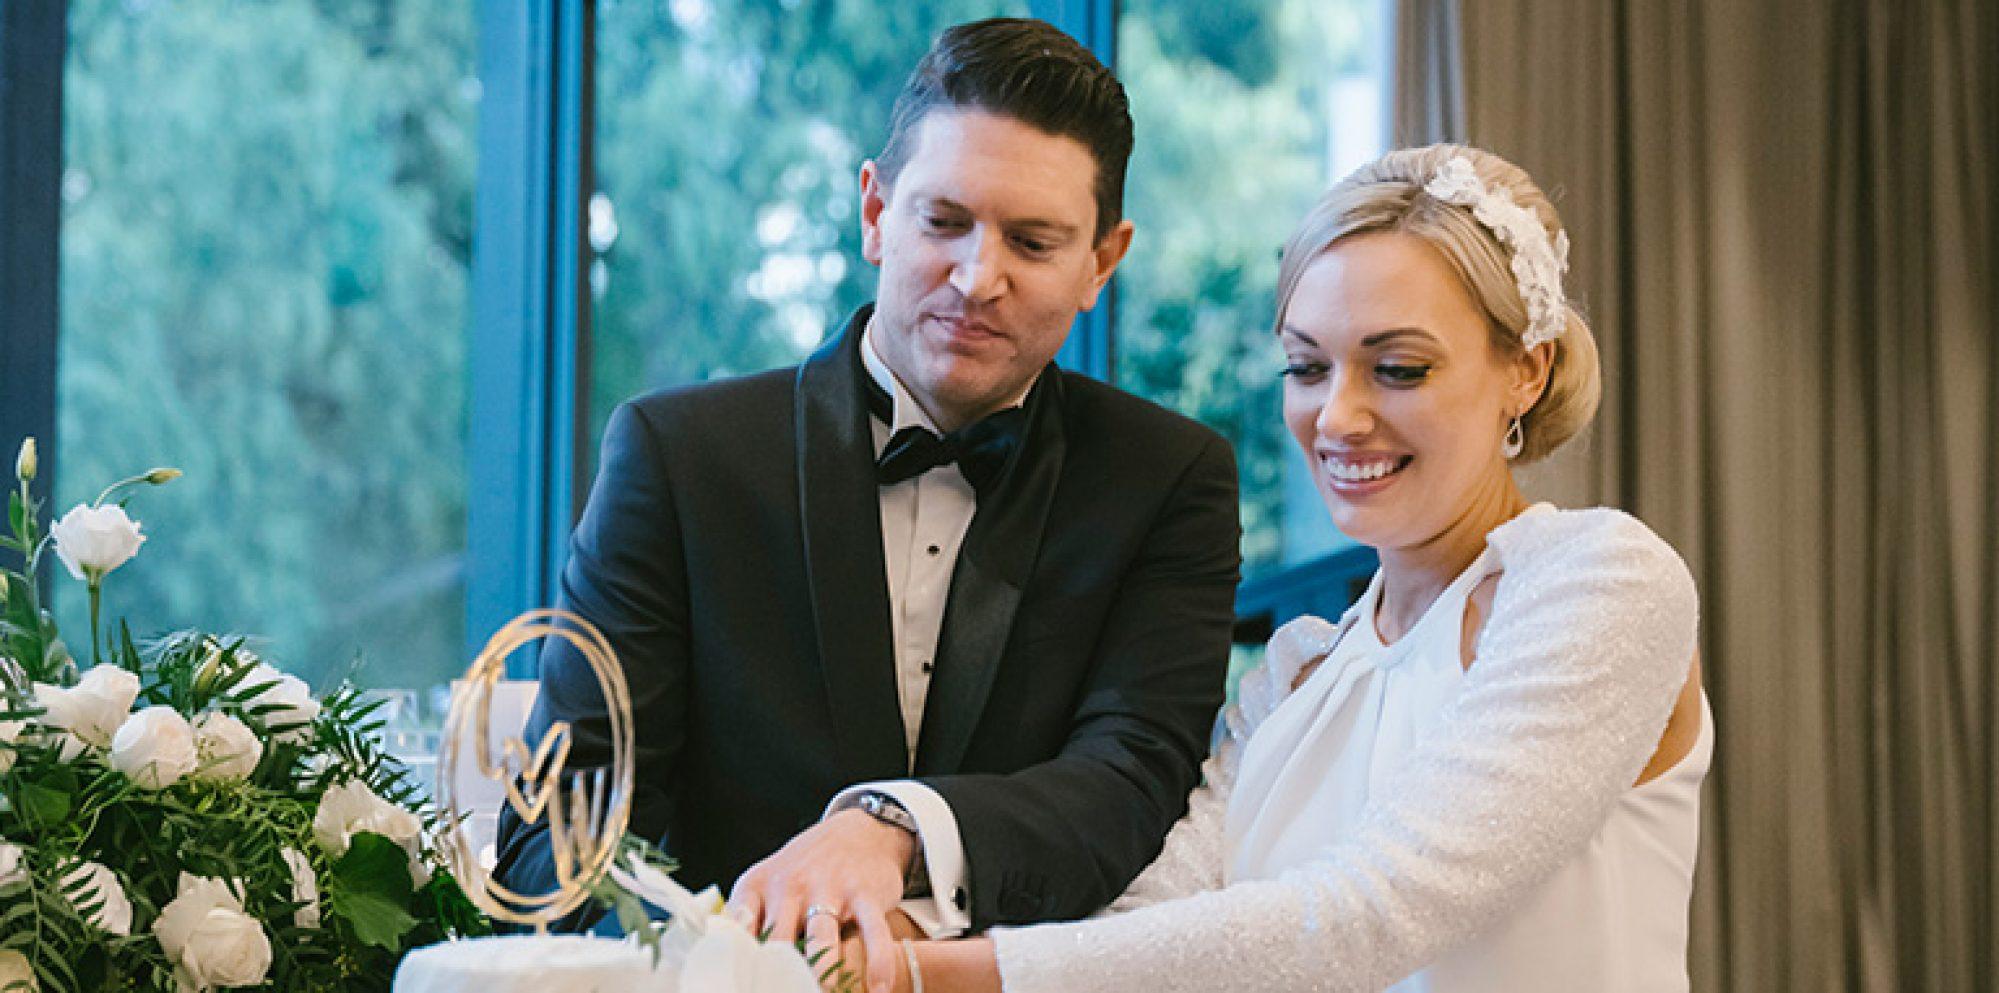 William & chloe wedding photography @ leonda by the yarra